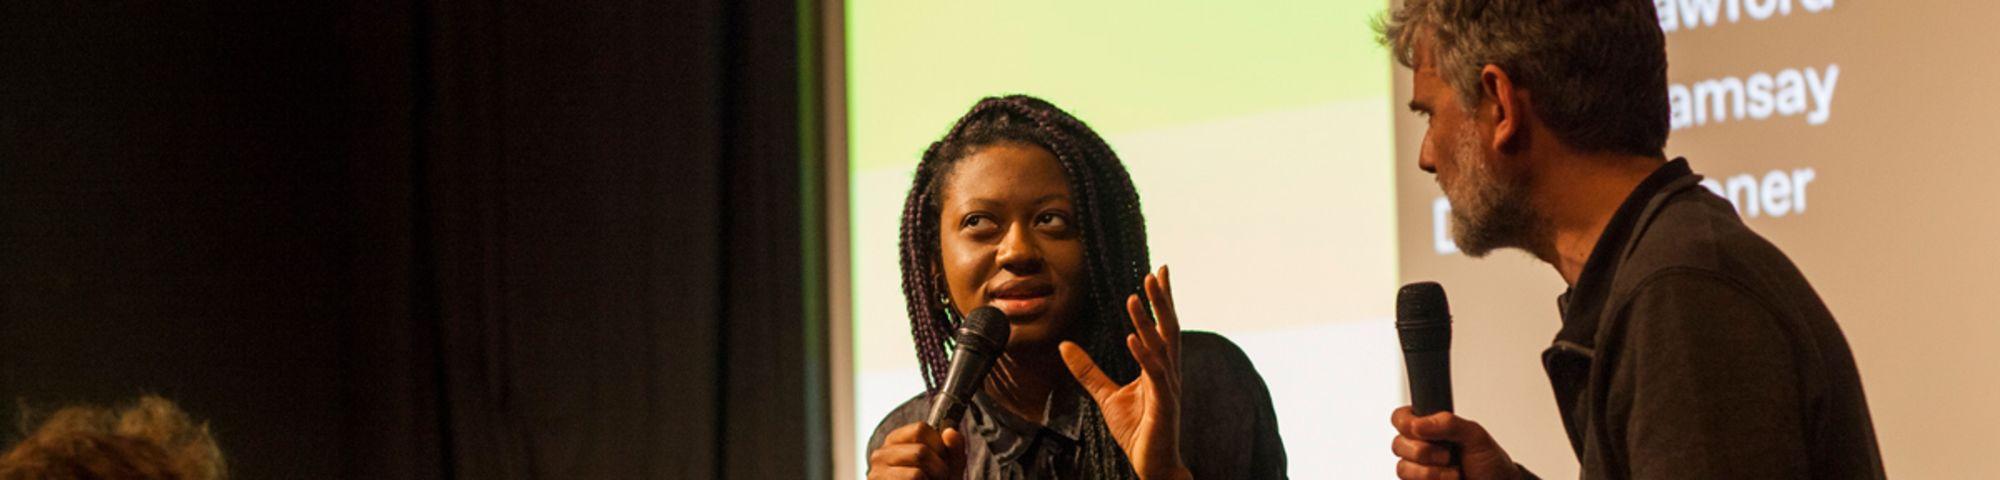 Ayo Akingbade Photo credit: Elzbieta Piekacz